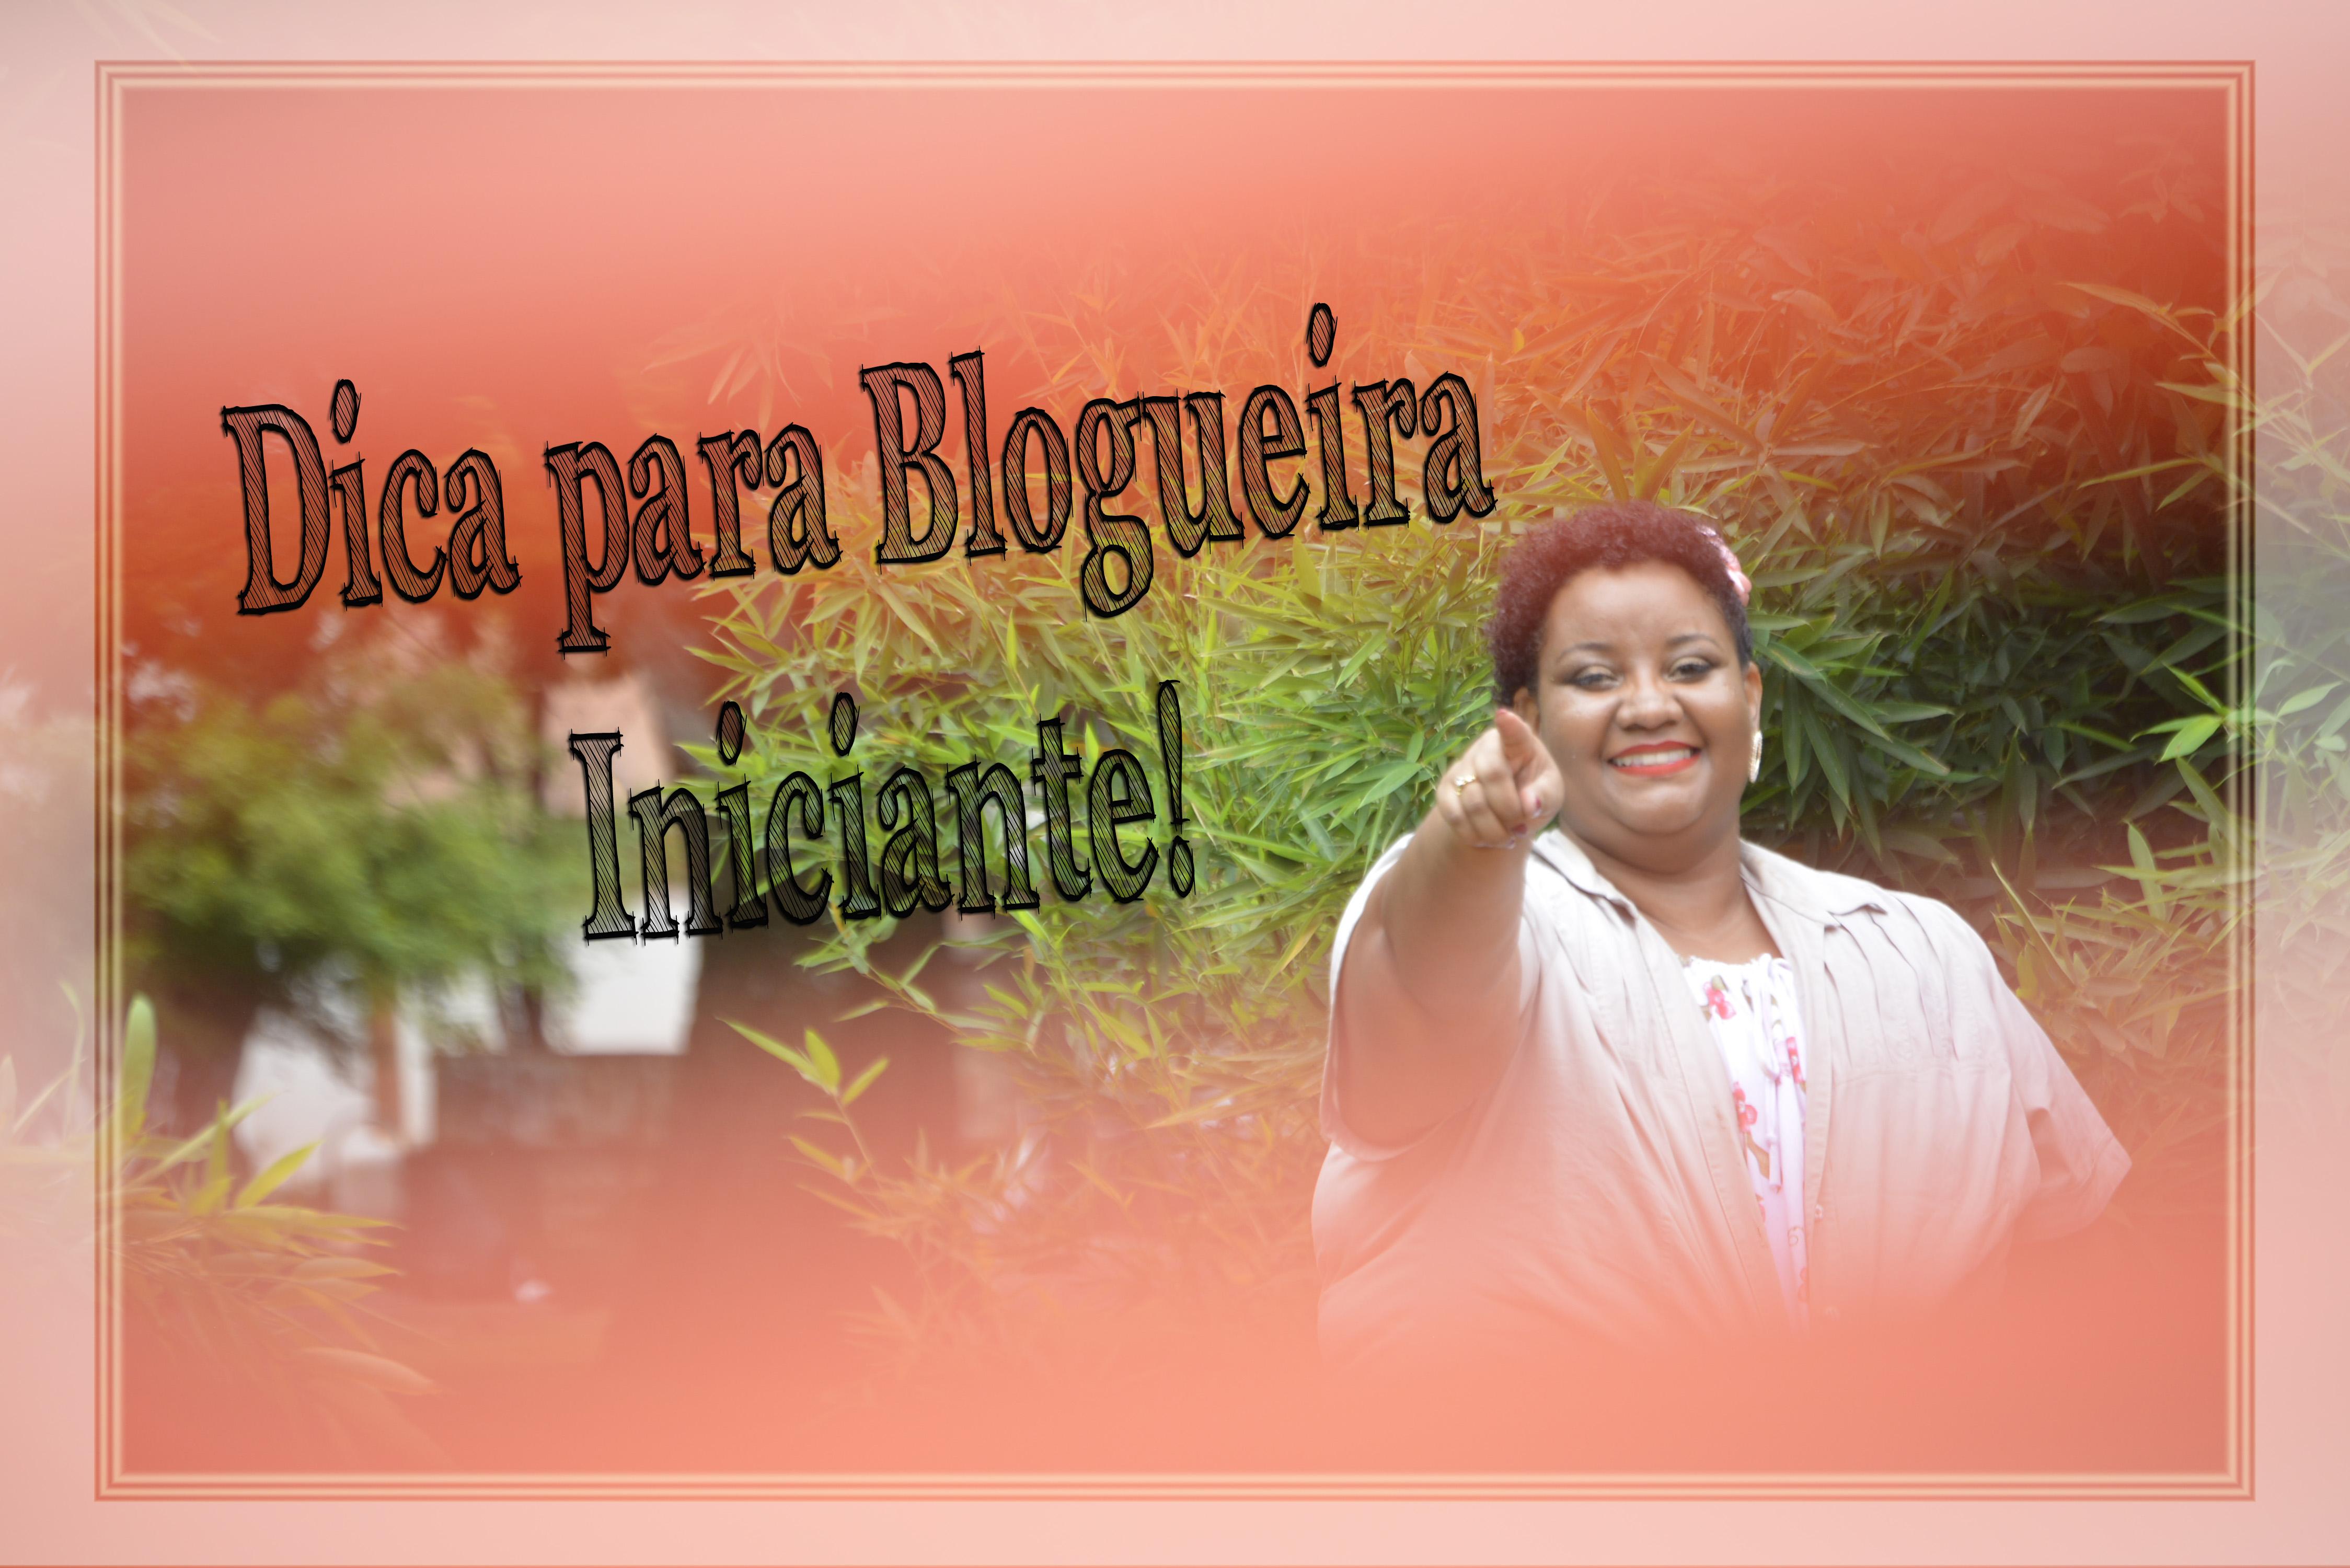 Dica para Blogueira iniciante